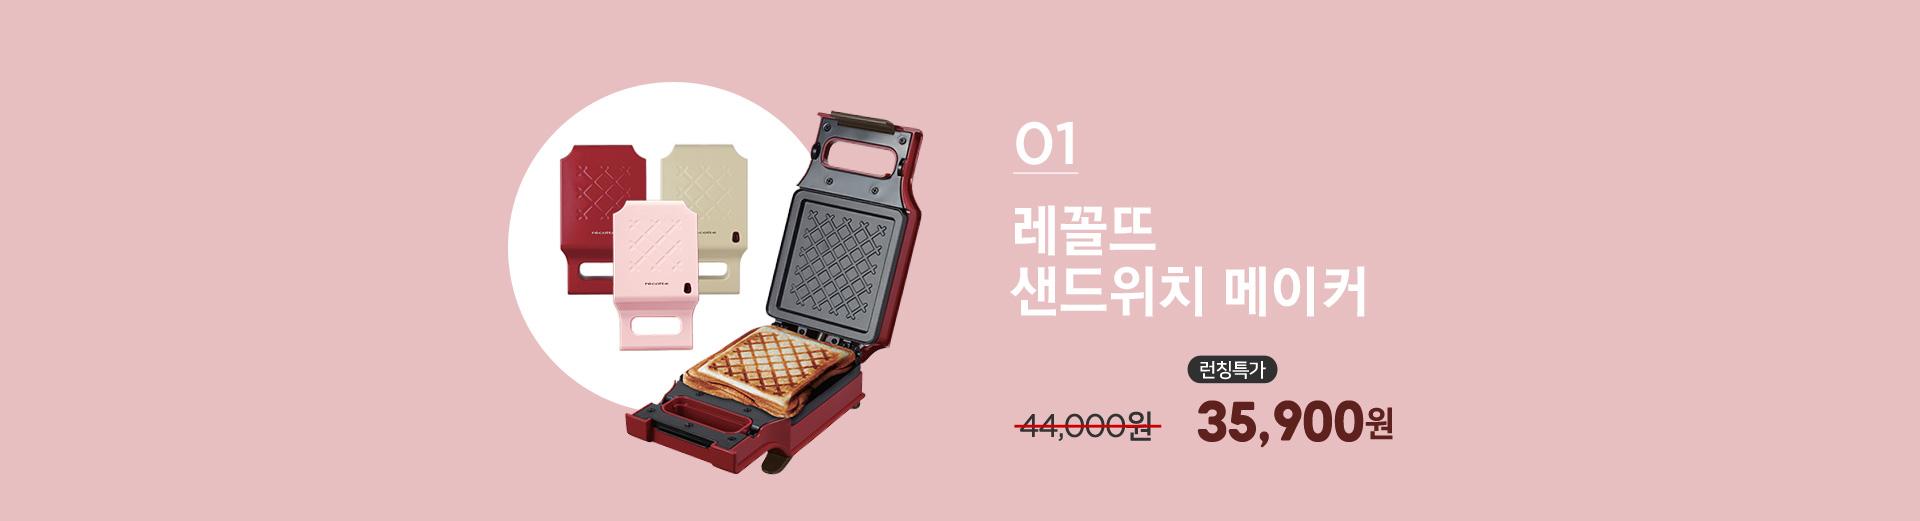 레꼴뜨샌드위치 메이커 런칭특가 35,900원